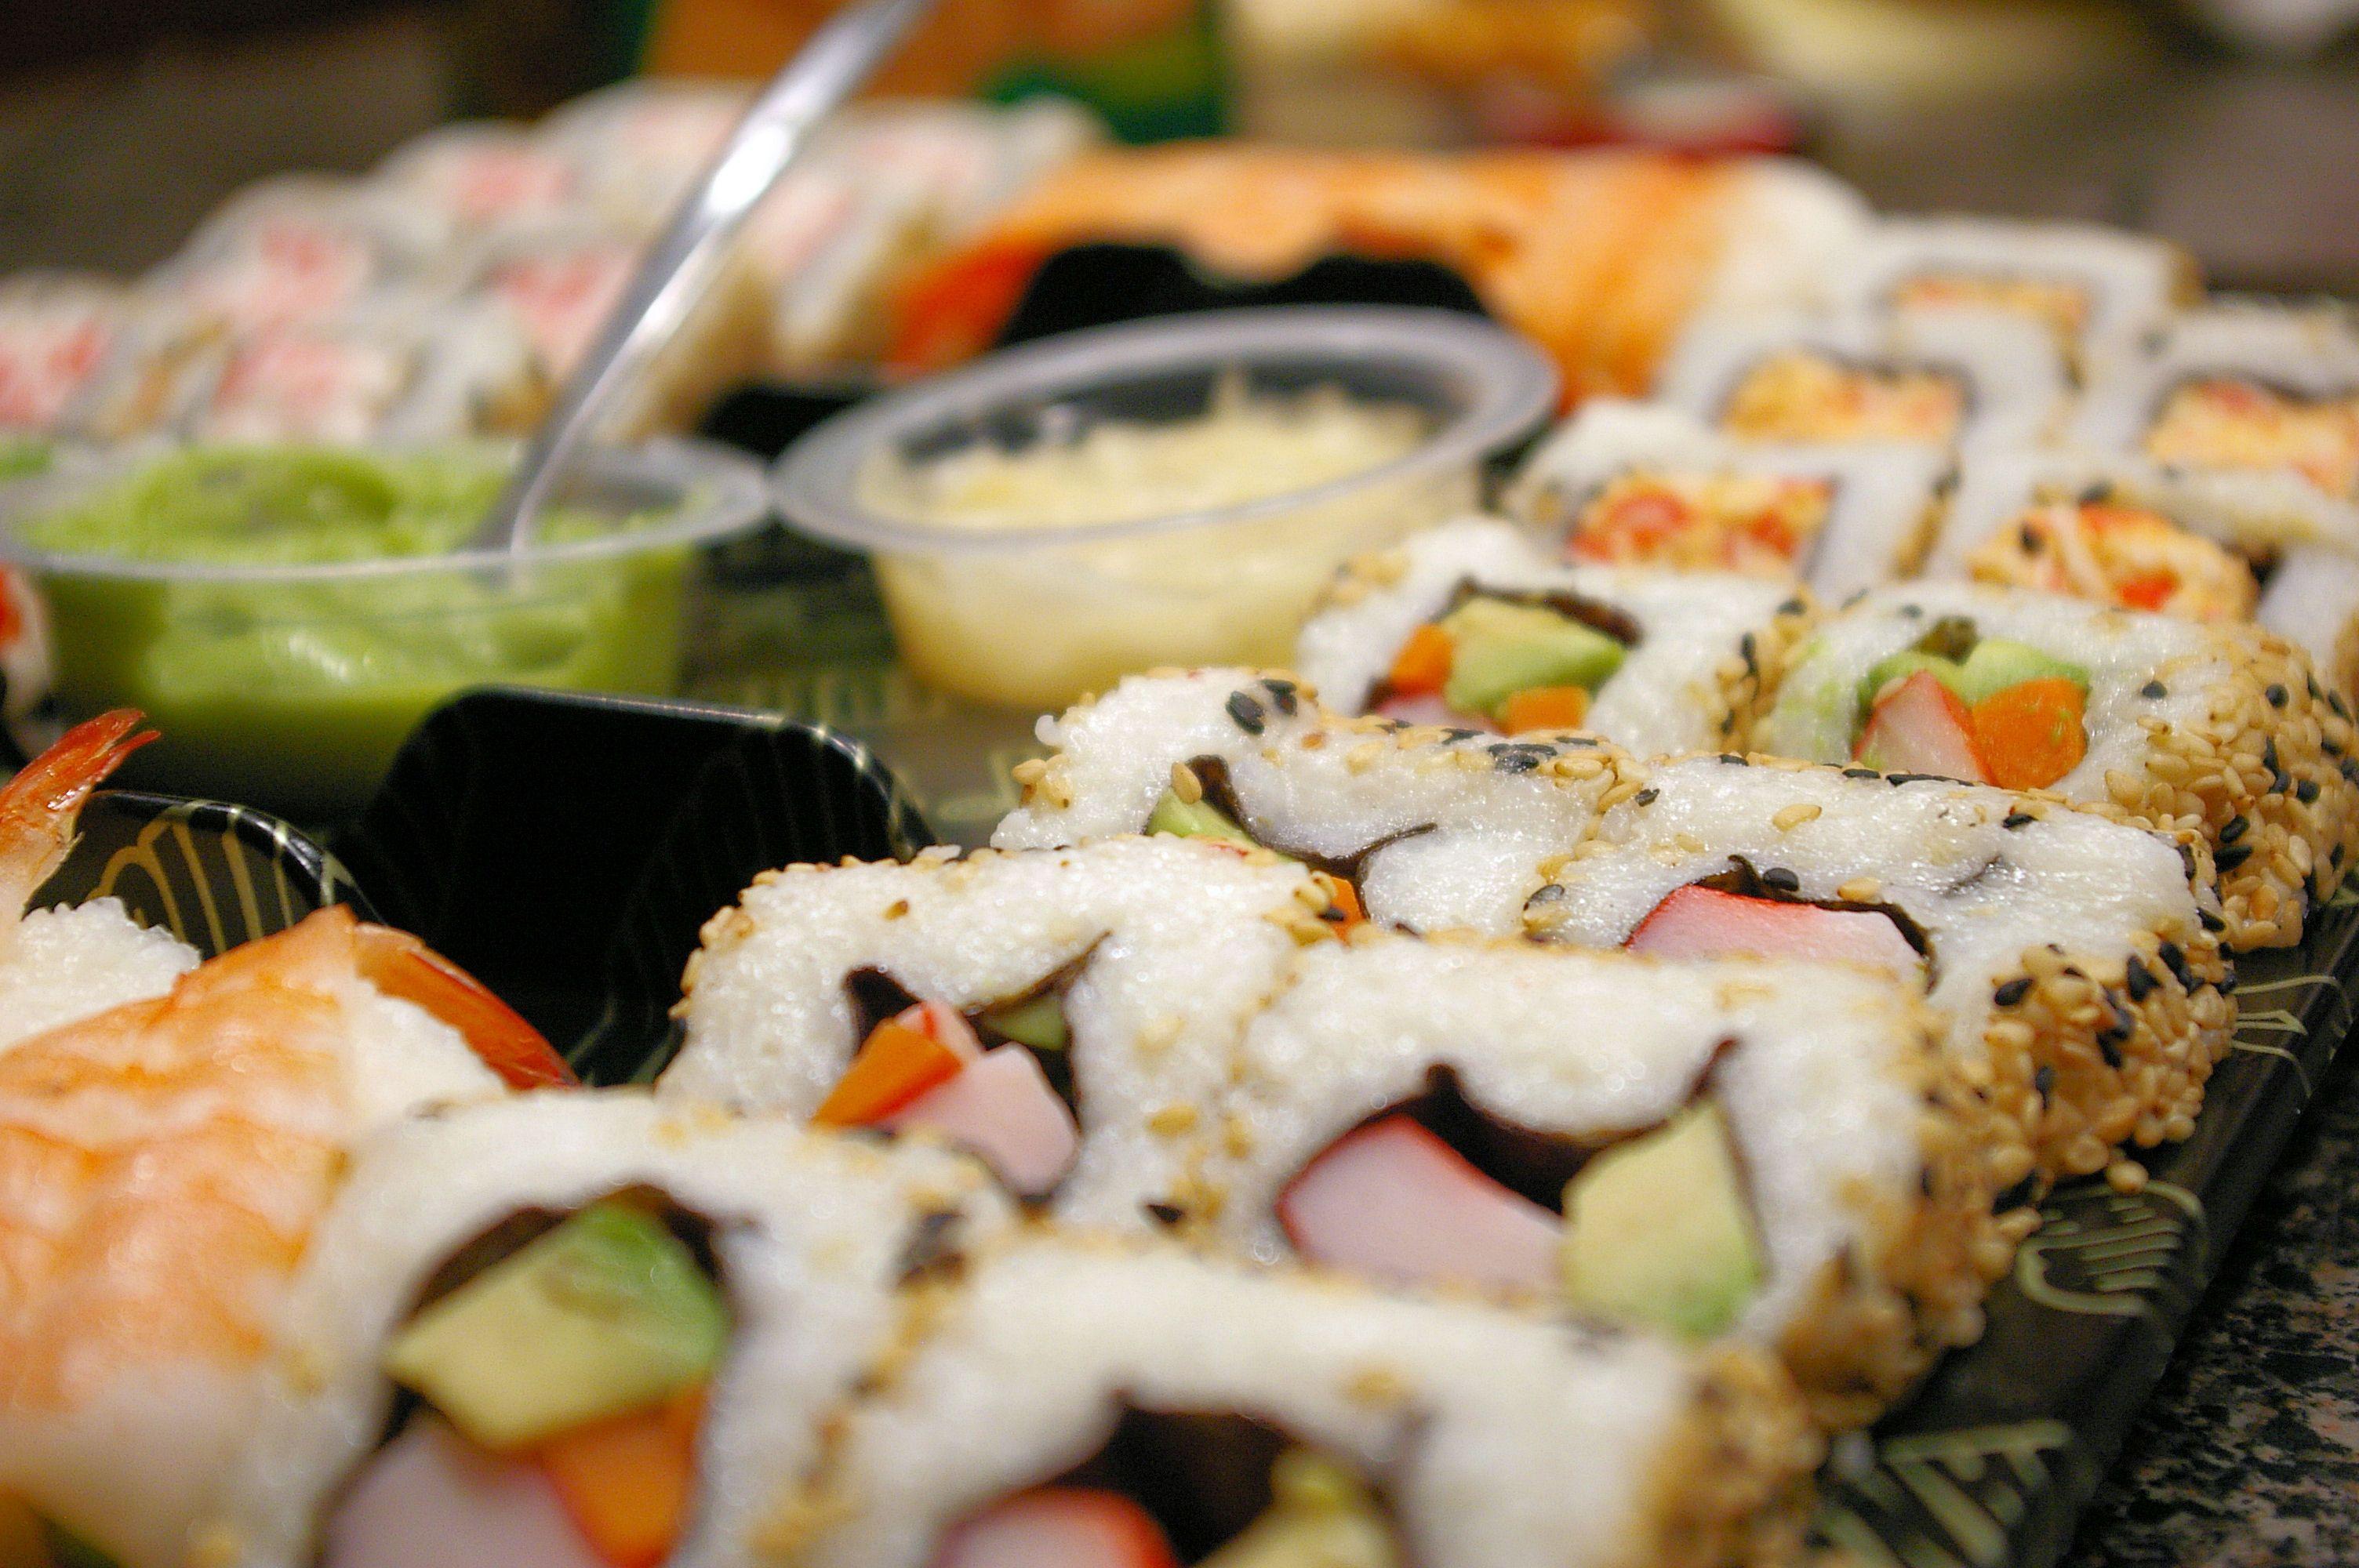 Justeat Comidadomicilio Tengohambre Prueba El Sushi Para Llevar